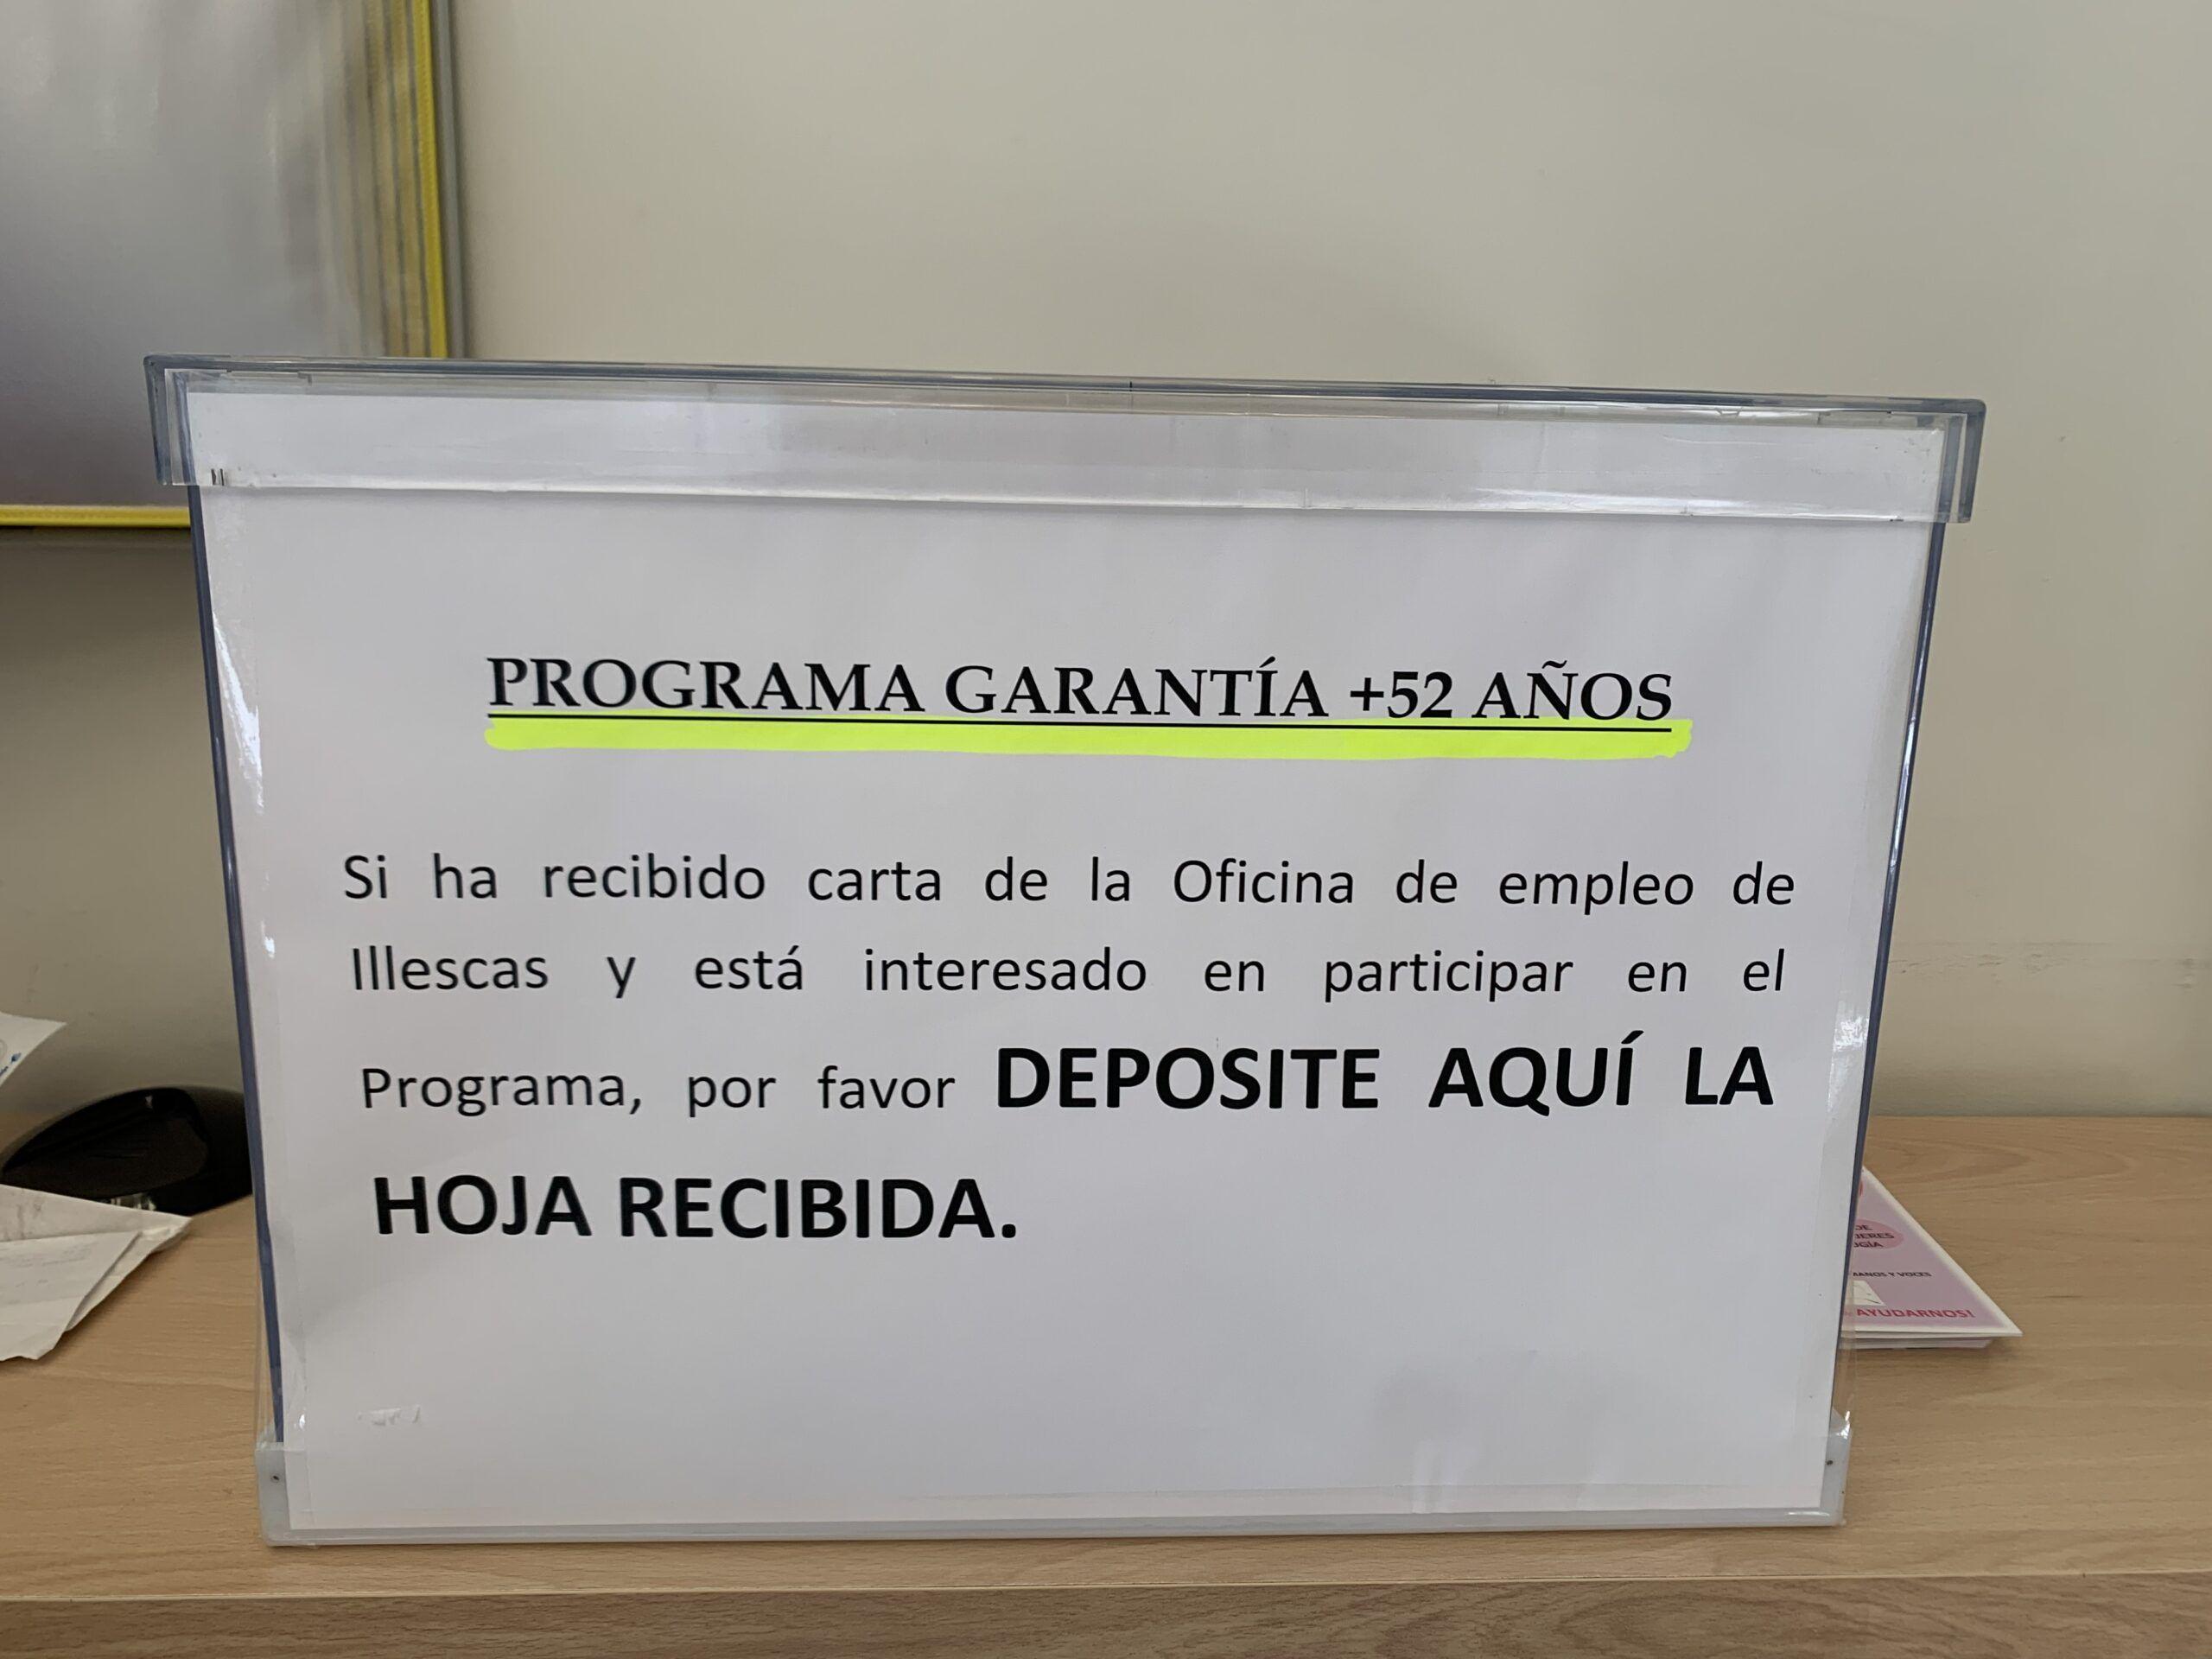 Nueva edición del Programa +52 en Illescas